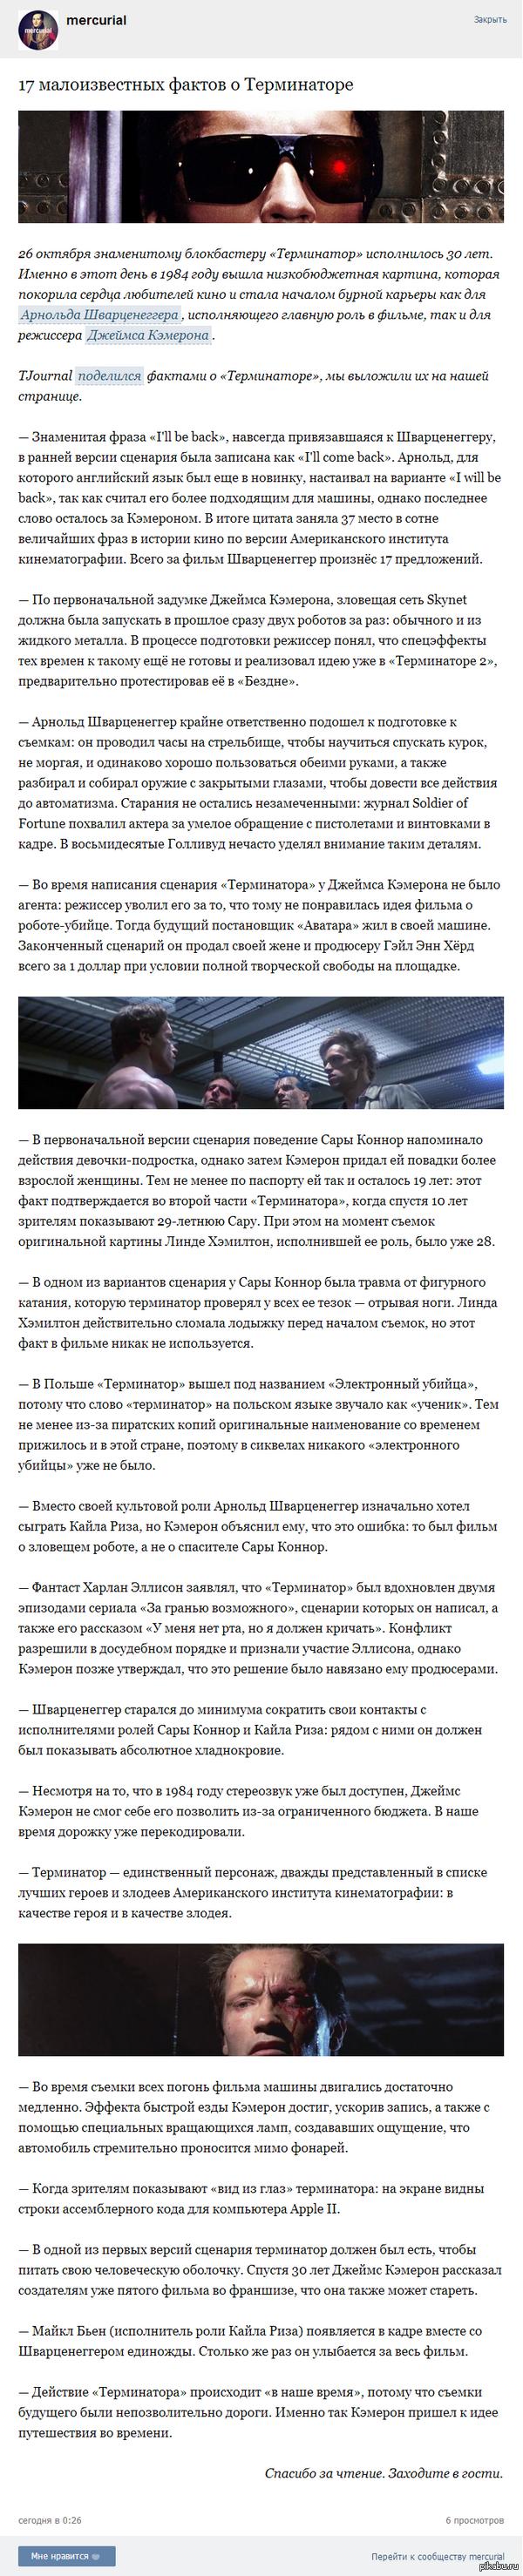 """17 малоизвестных фактов о Терминаторе Вчера """"Терминатору"""" исполнилось 30 лет)"""